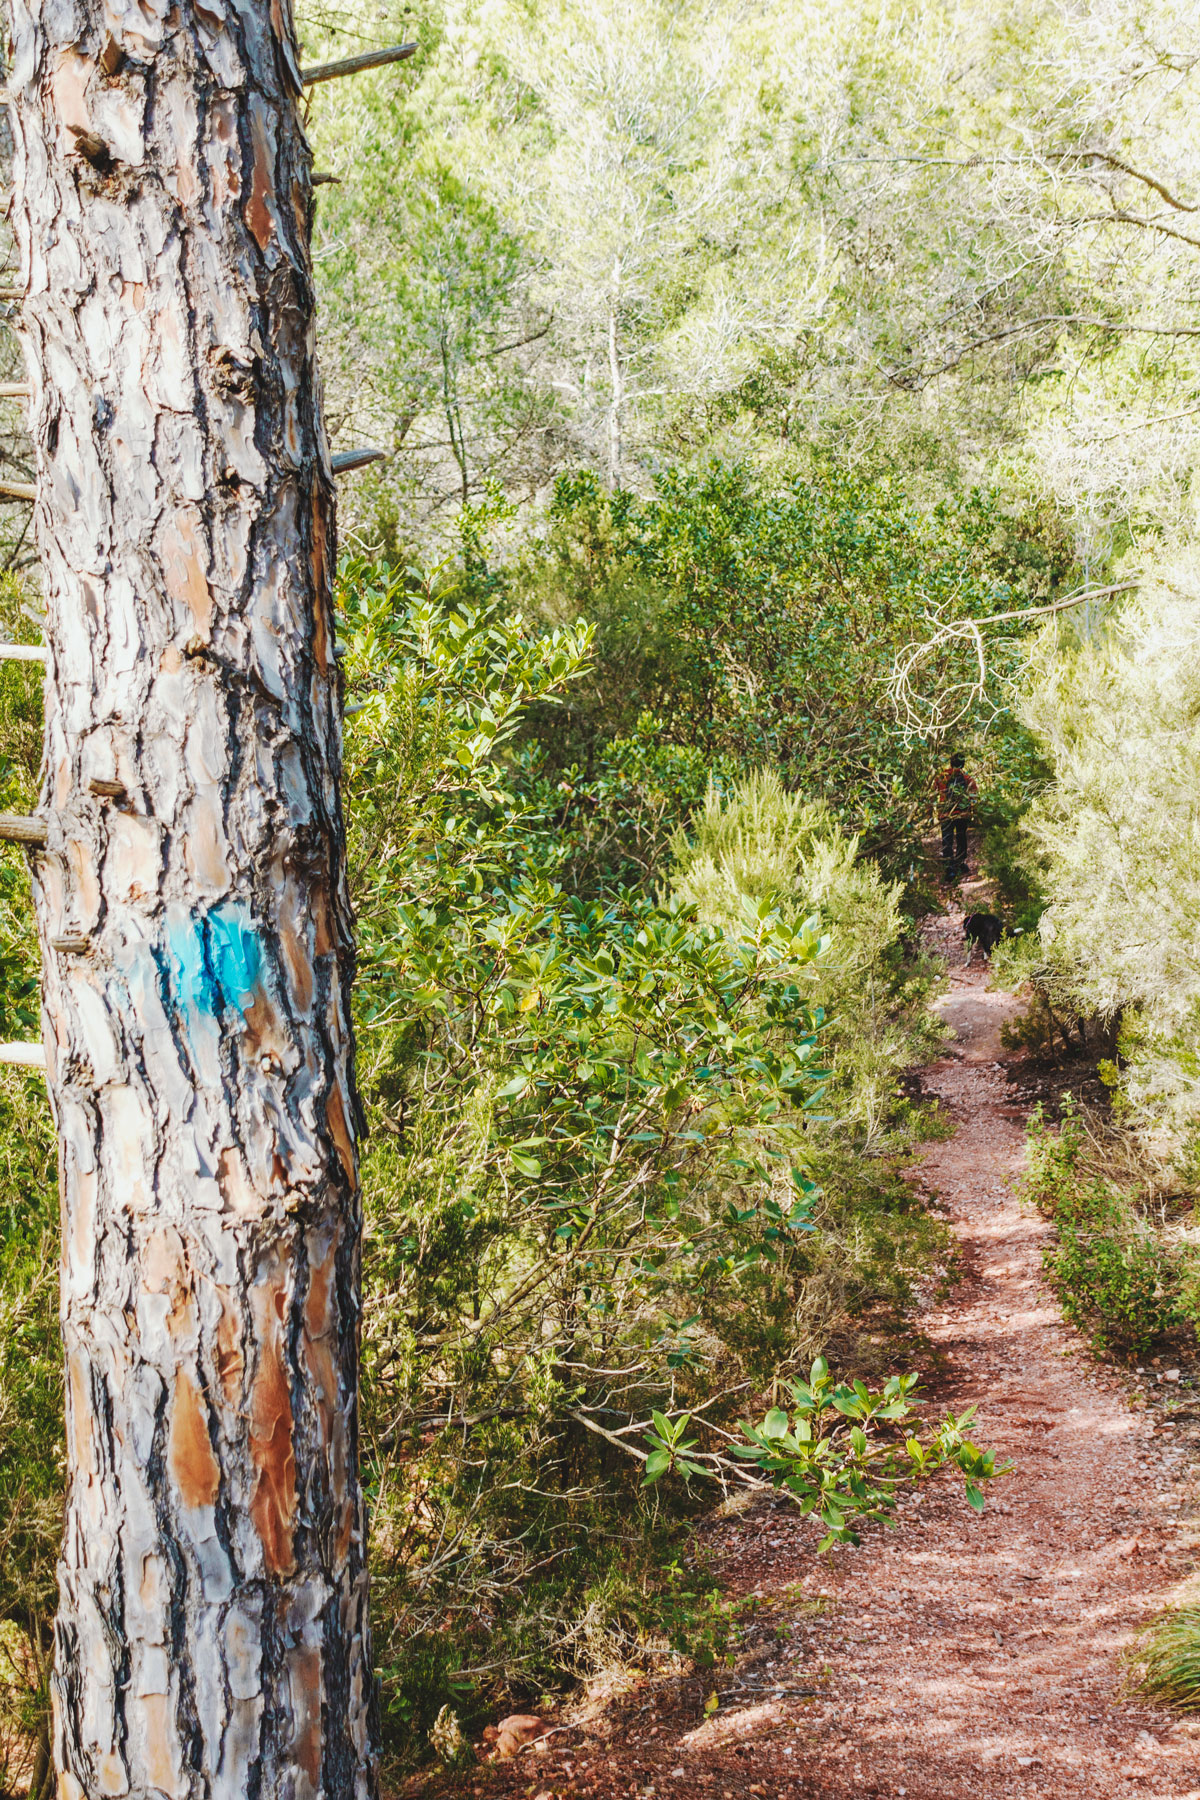 Blaue Markierung an Baumstamm zeigt den Weg an.